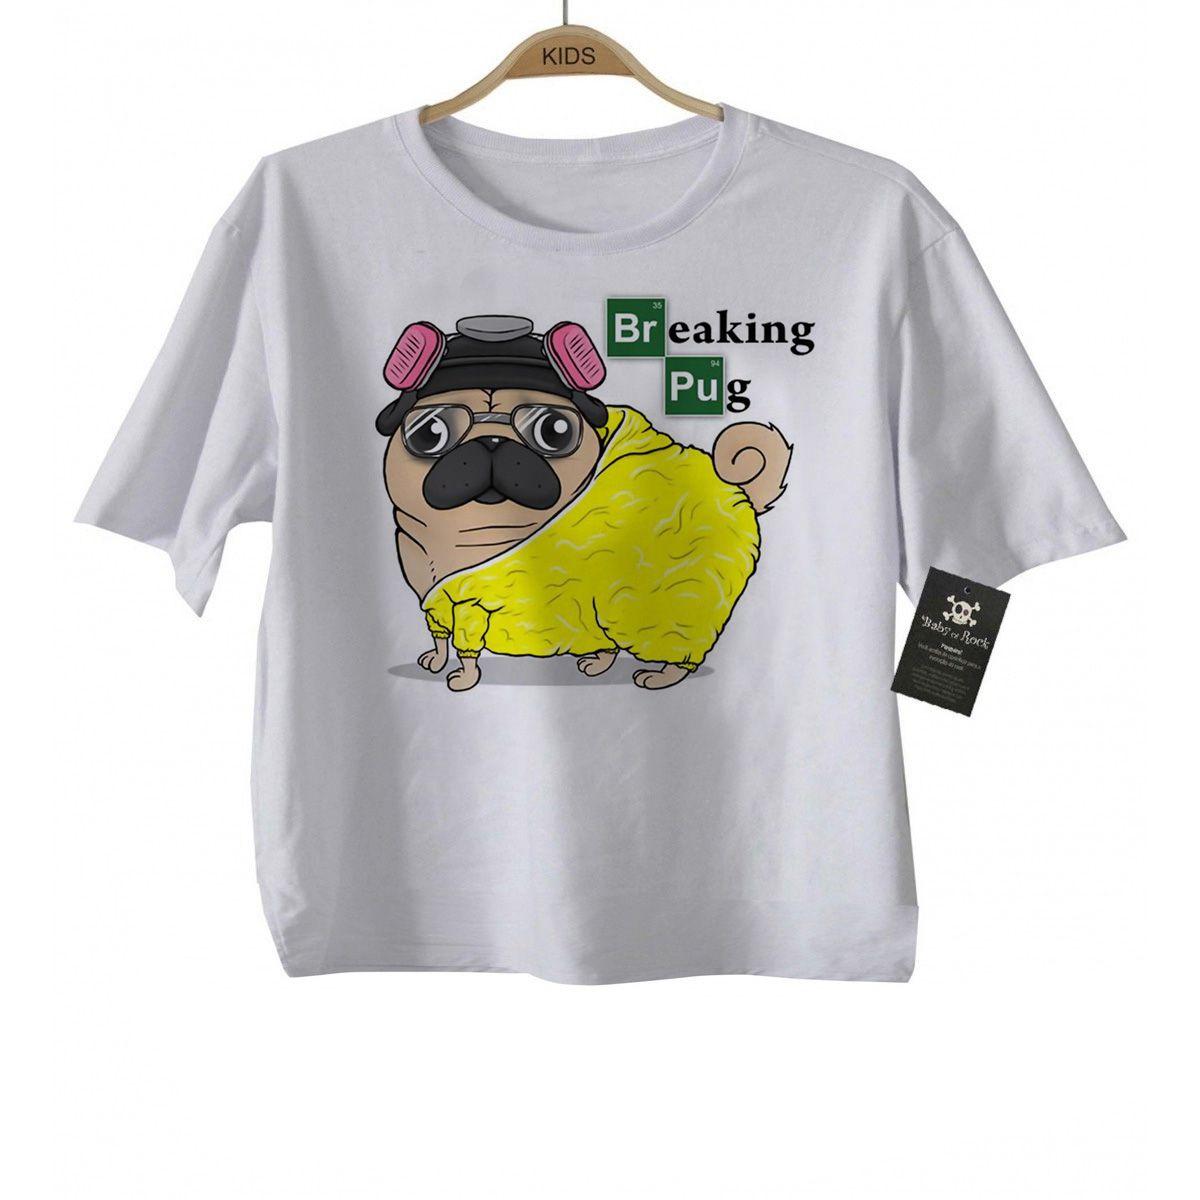 Camiseta Infantil  Breaking Pug -  Minons - White  - Baby Monster - Body Bebe